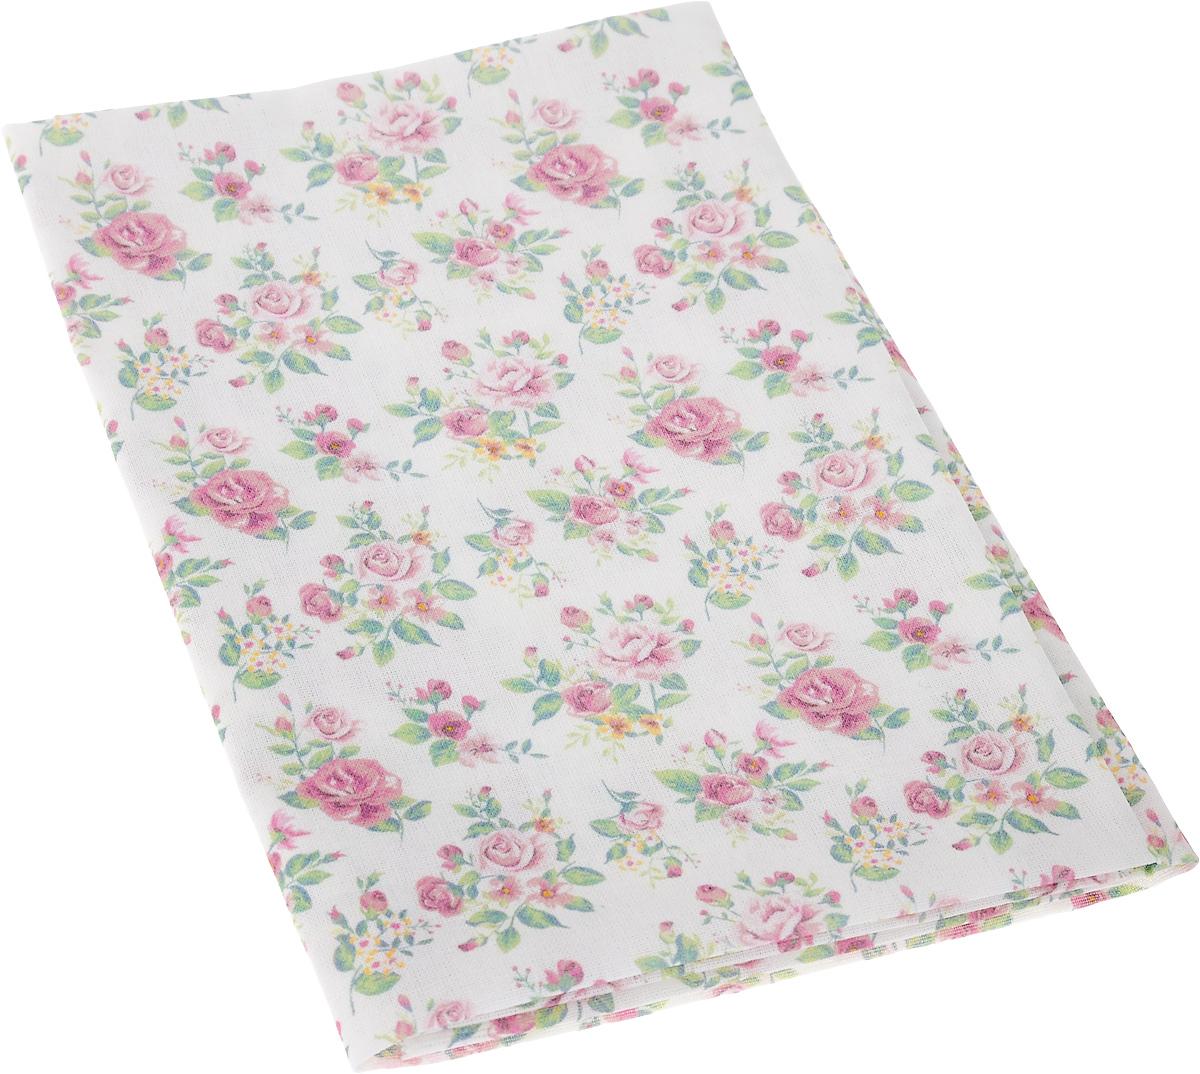 """Ткань Артмикс """"Нежные розы шебби"""",  изготовленная из 100% хлопка, предназначена для  пошива одеял, покрывал, сумок, аппликаций и  прочих изделий в технике пэчворк. Также подходит  для пошива кукол,  аксессуаров и одежды.   Пэчворк - это вид рукоделия, при котором по  принципу мозаики сшивается  цельное изделие из кусочков ткани (лоскутков).   Плотность ткани: 120 г/м2.  УВАЖАЕМЫЕ КЛИЕНТЫ! Обращаем ваше внимание, на тот факт, что размер  отреза может отличаться на 1-2 см."""